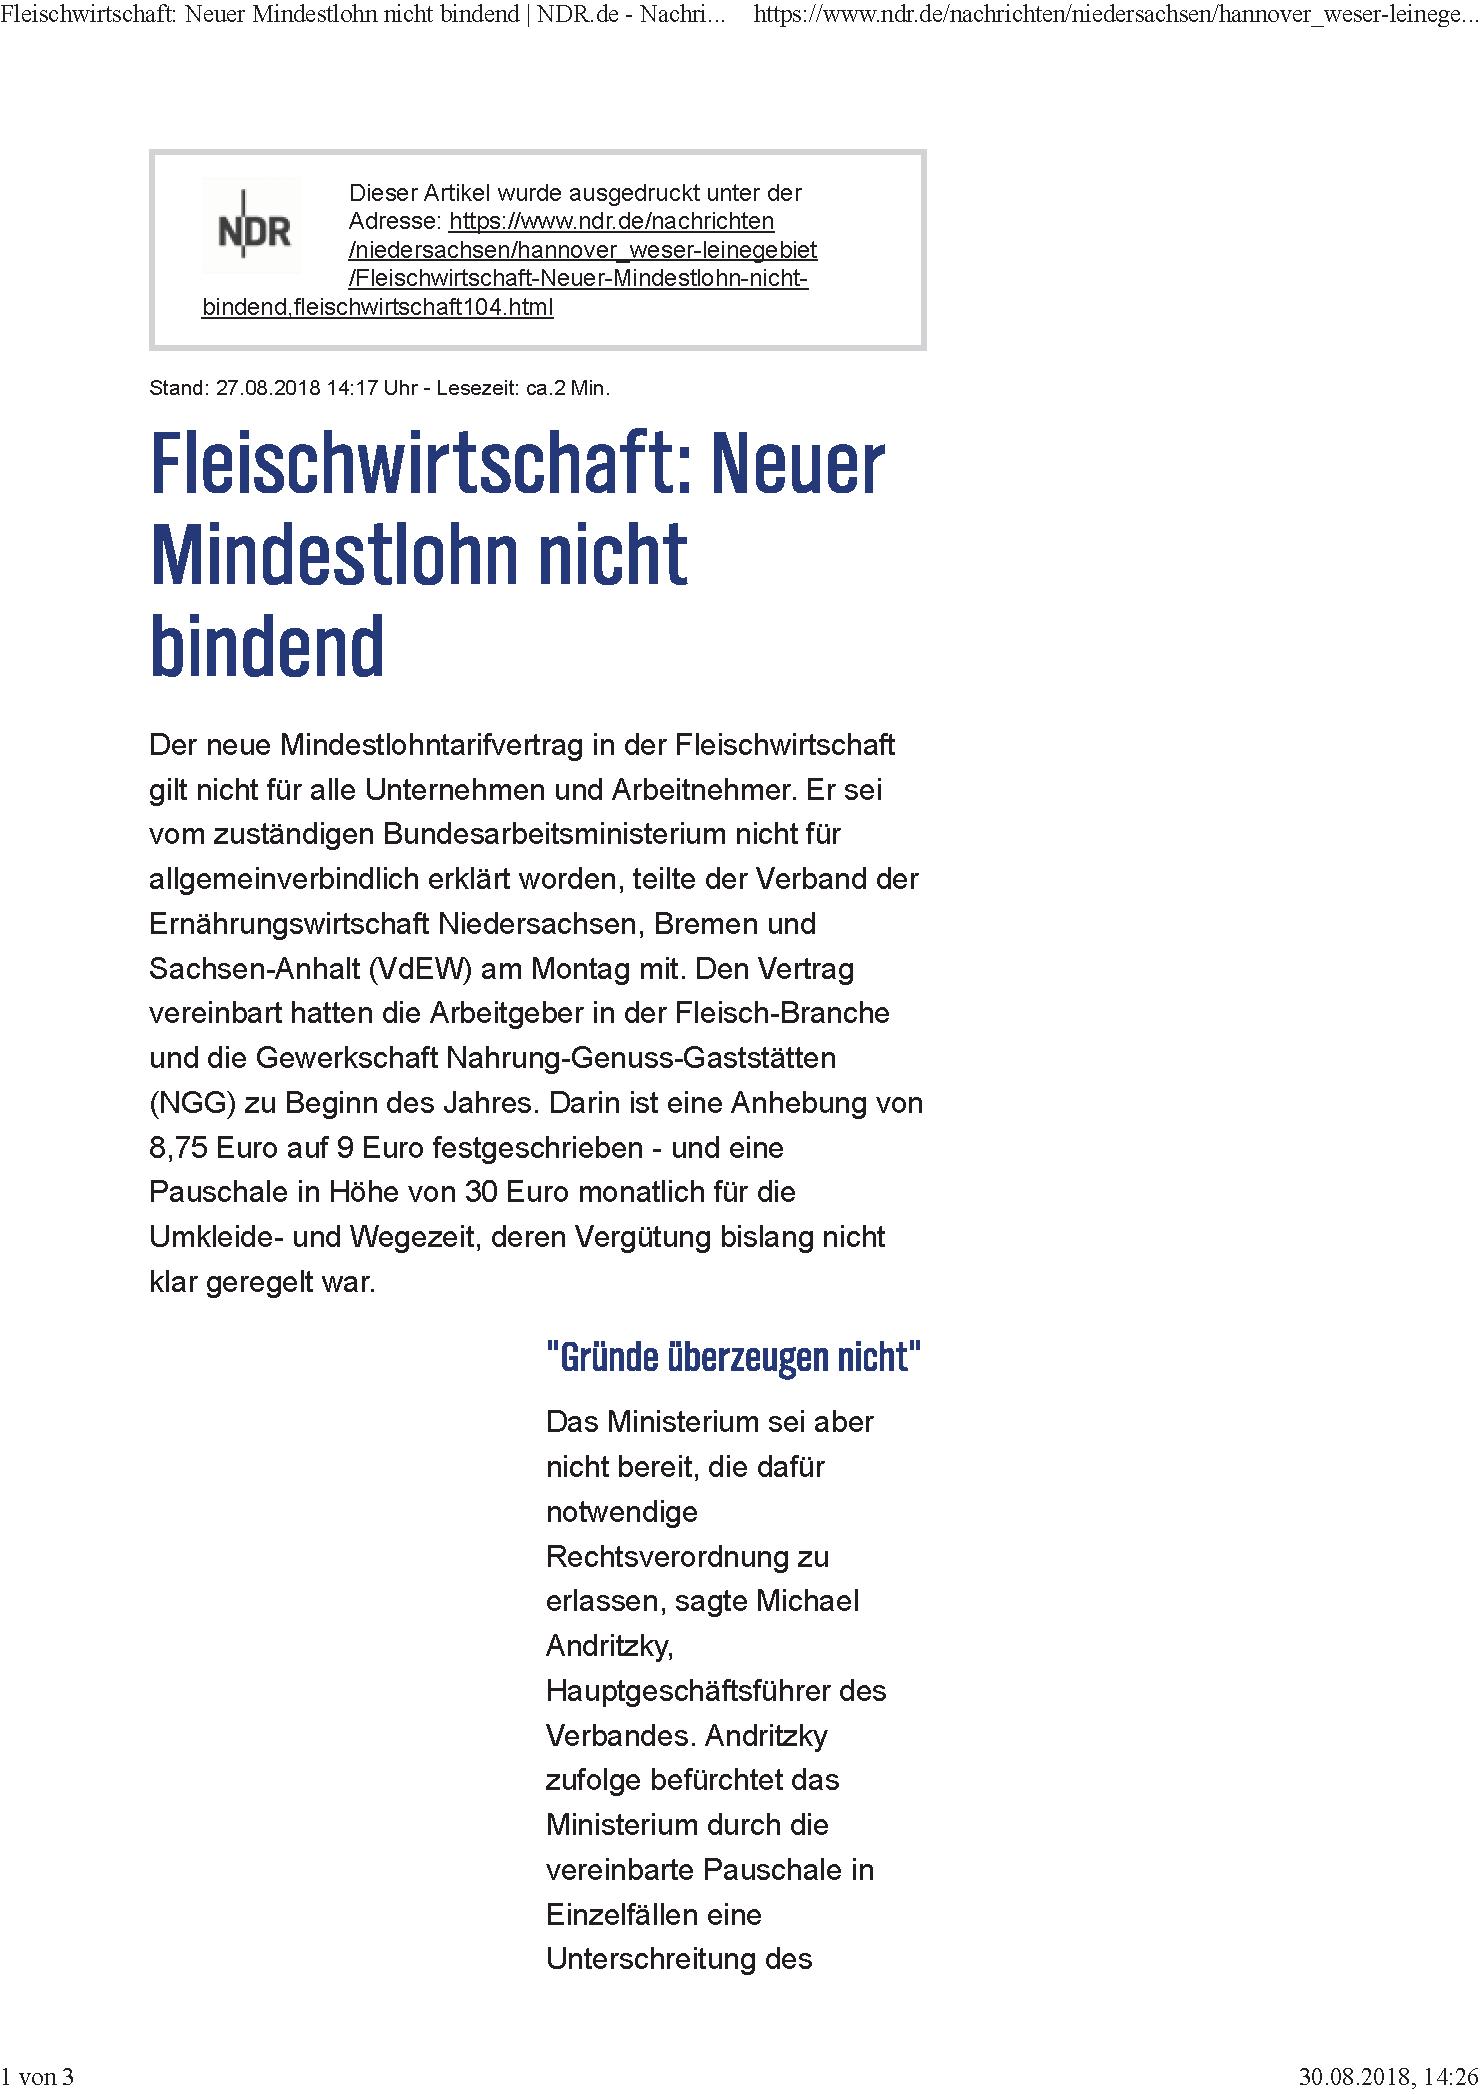 NDR 27.08.2018 Fleischwirtschaft Neuer MiLO nicht bindend_Seite_1